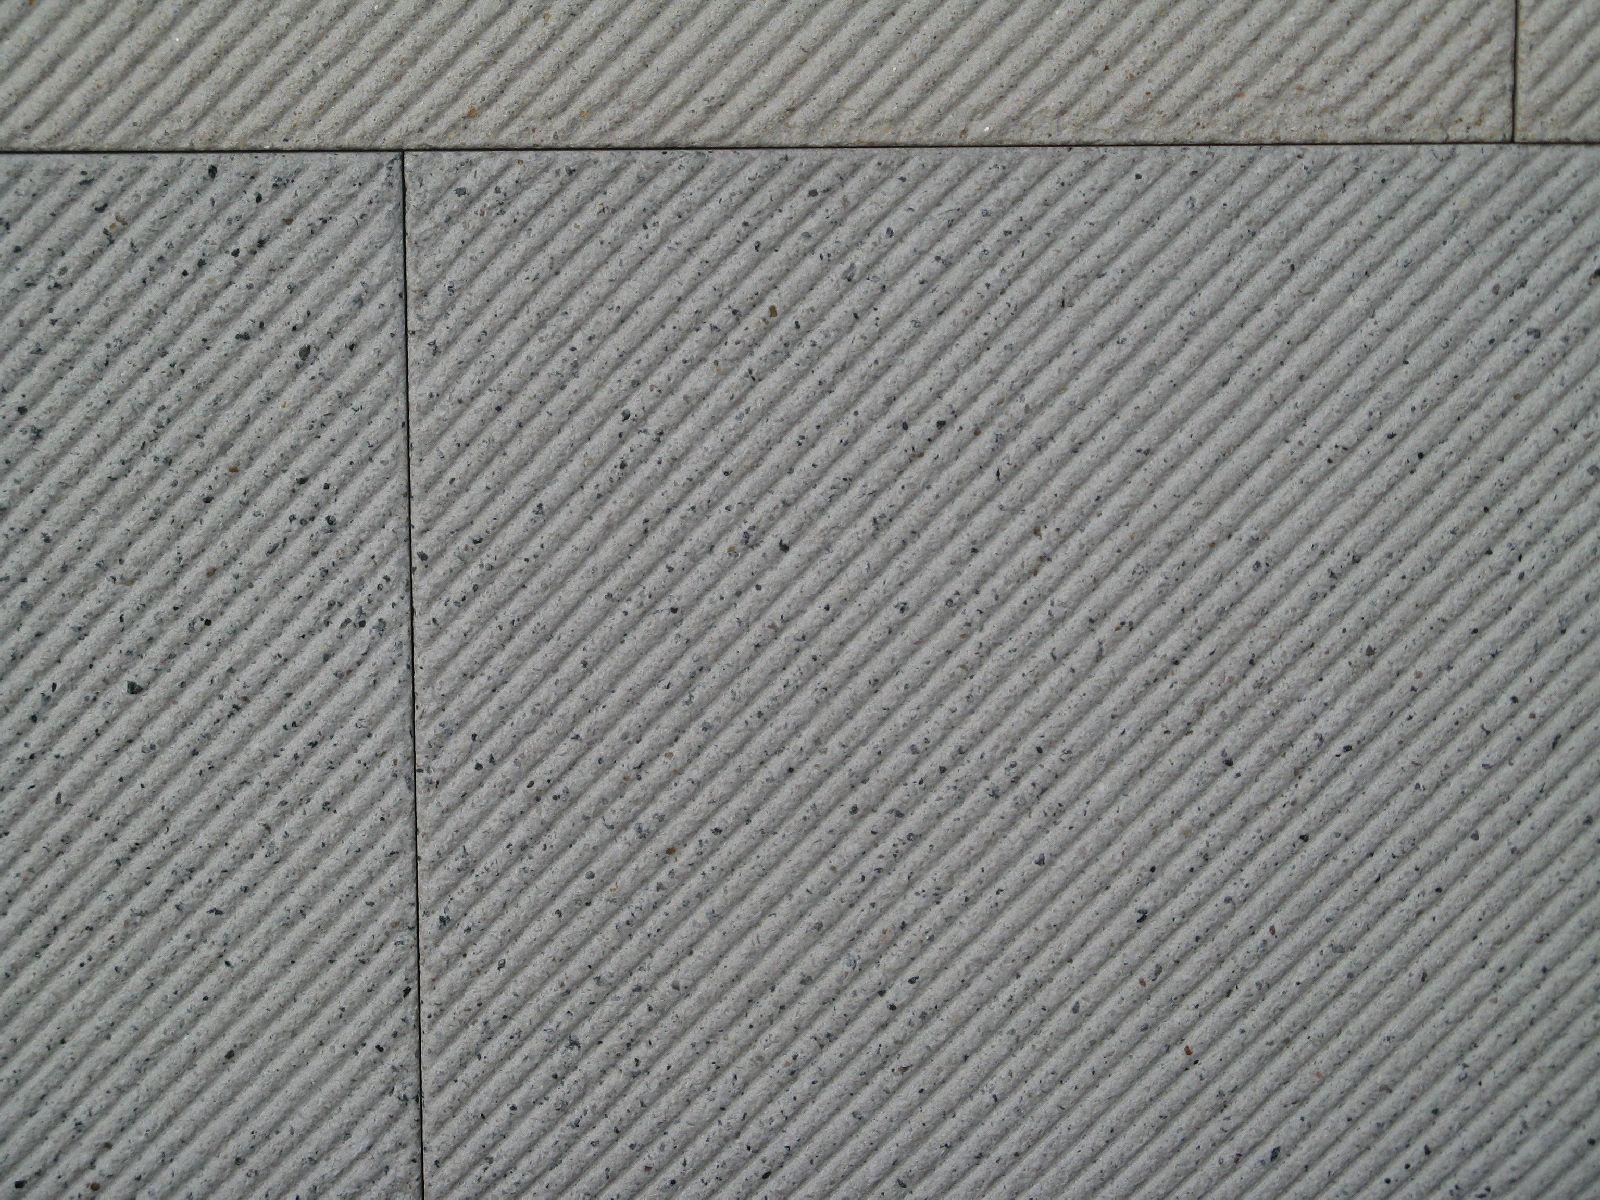 Wand-Steinbloecke-Quader_Textur_B_2953